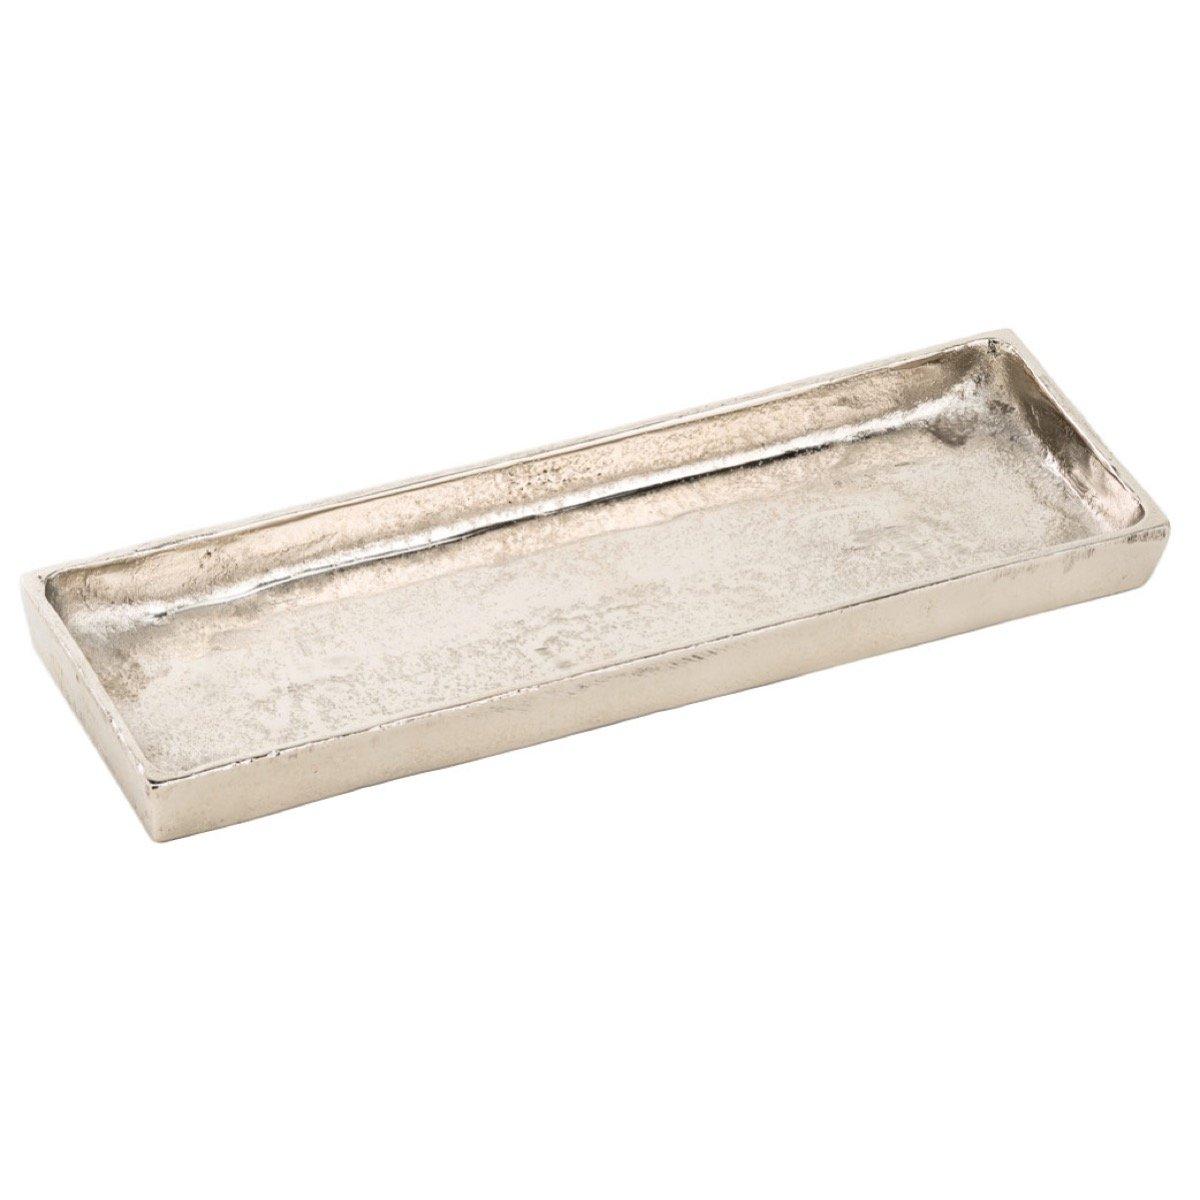 ZARTMANN LIVING Metalltablett DERIA - 43 cm - aus Rohaluminium - schwere Qualität - Kerzenteller - Dekoteller - Tablett Z-Living GmbH